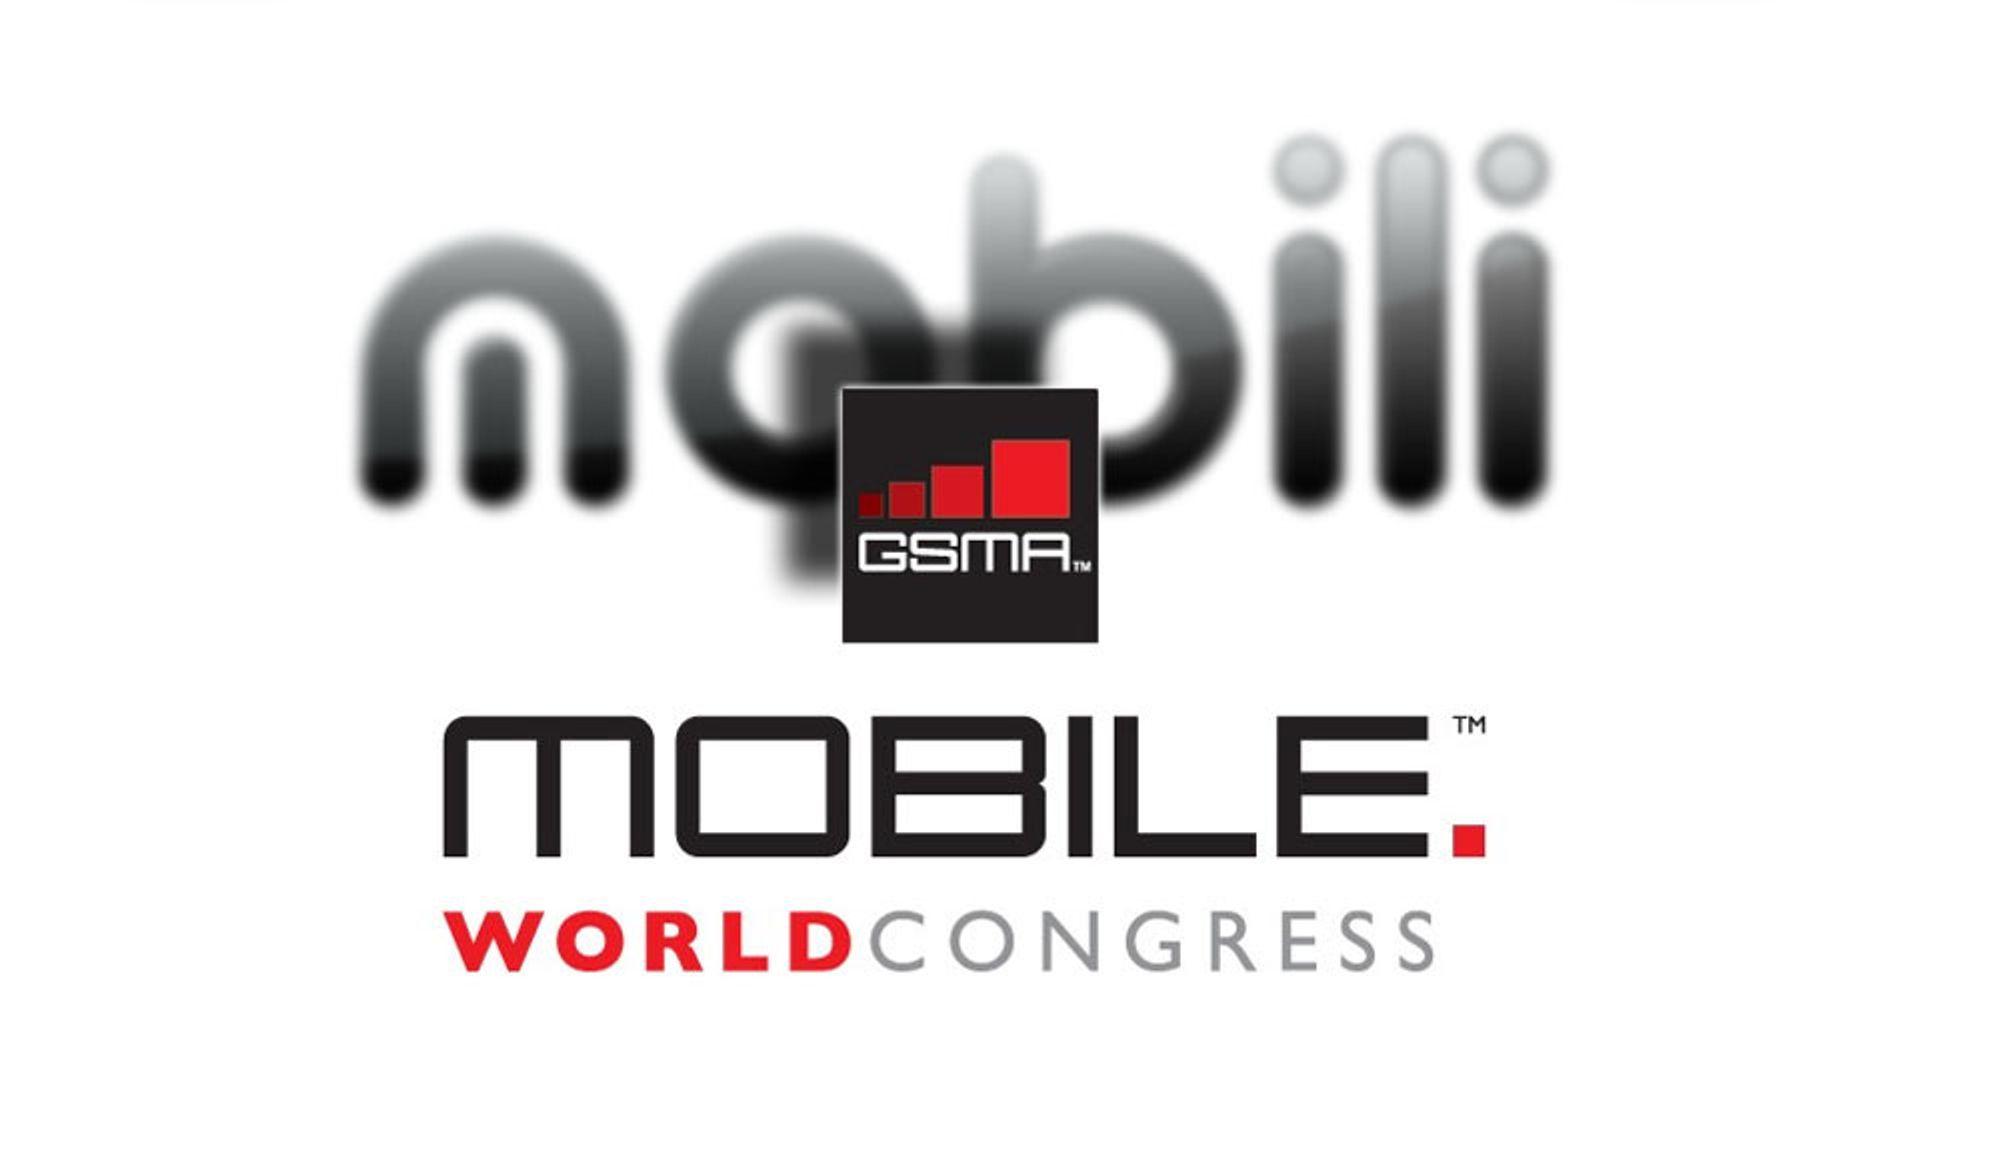 Mobili gir deg Norges beste MWC-dekning